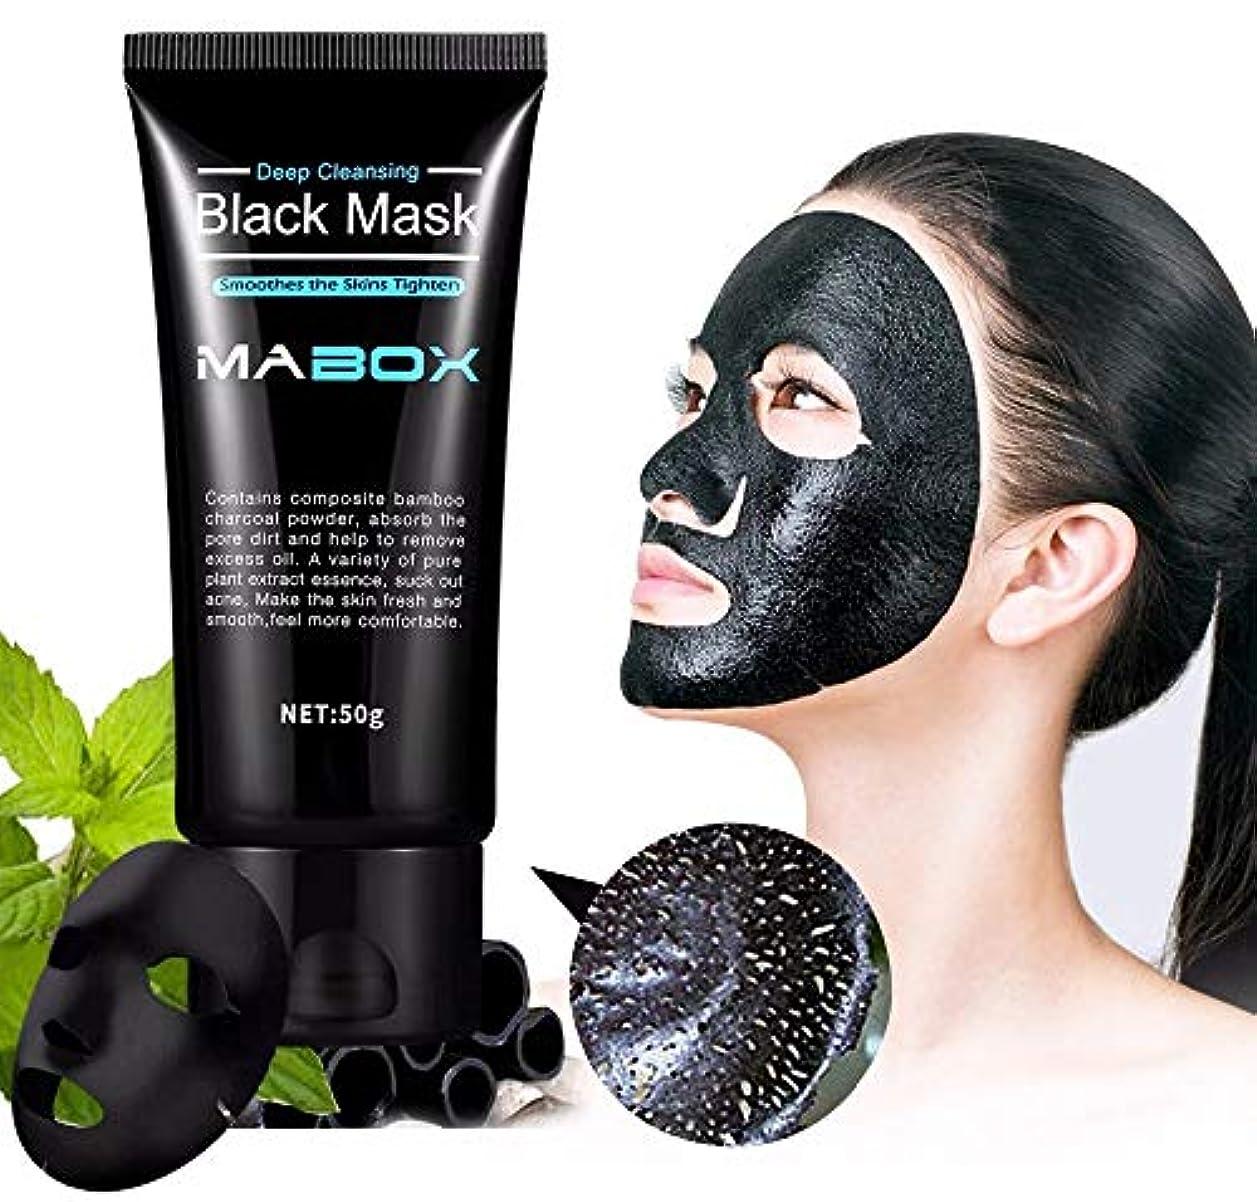 異常な創造インチMabox Black Mask Peel Off Bamboo Charcoal Purifying Blackhead Remover Mask Deep Cleansing for AcneScars Blemishes...